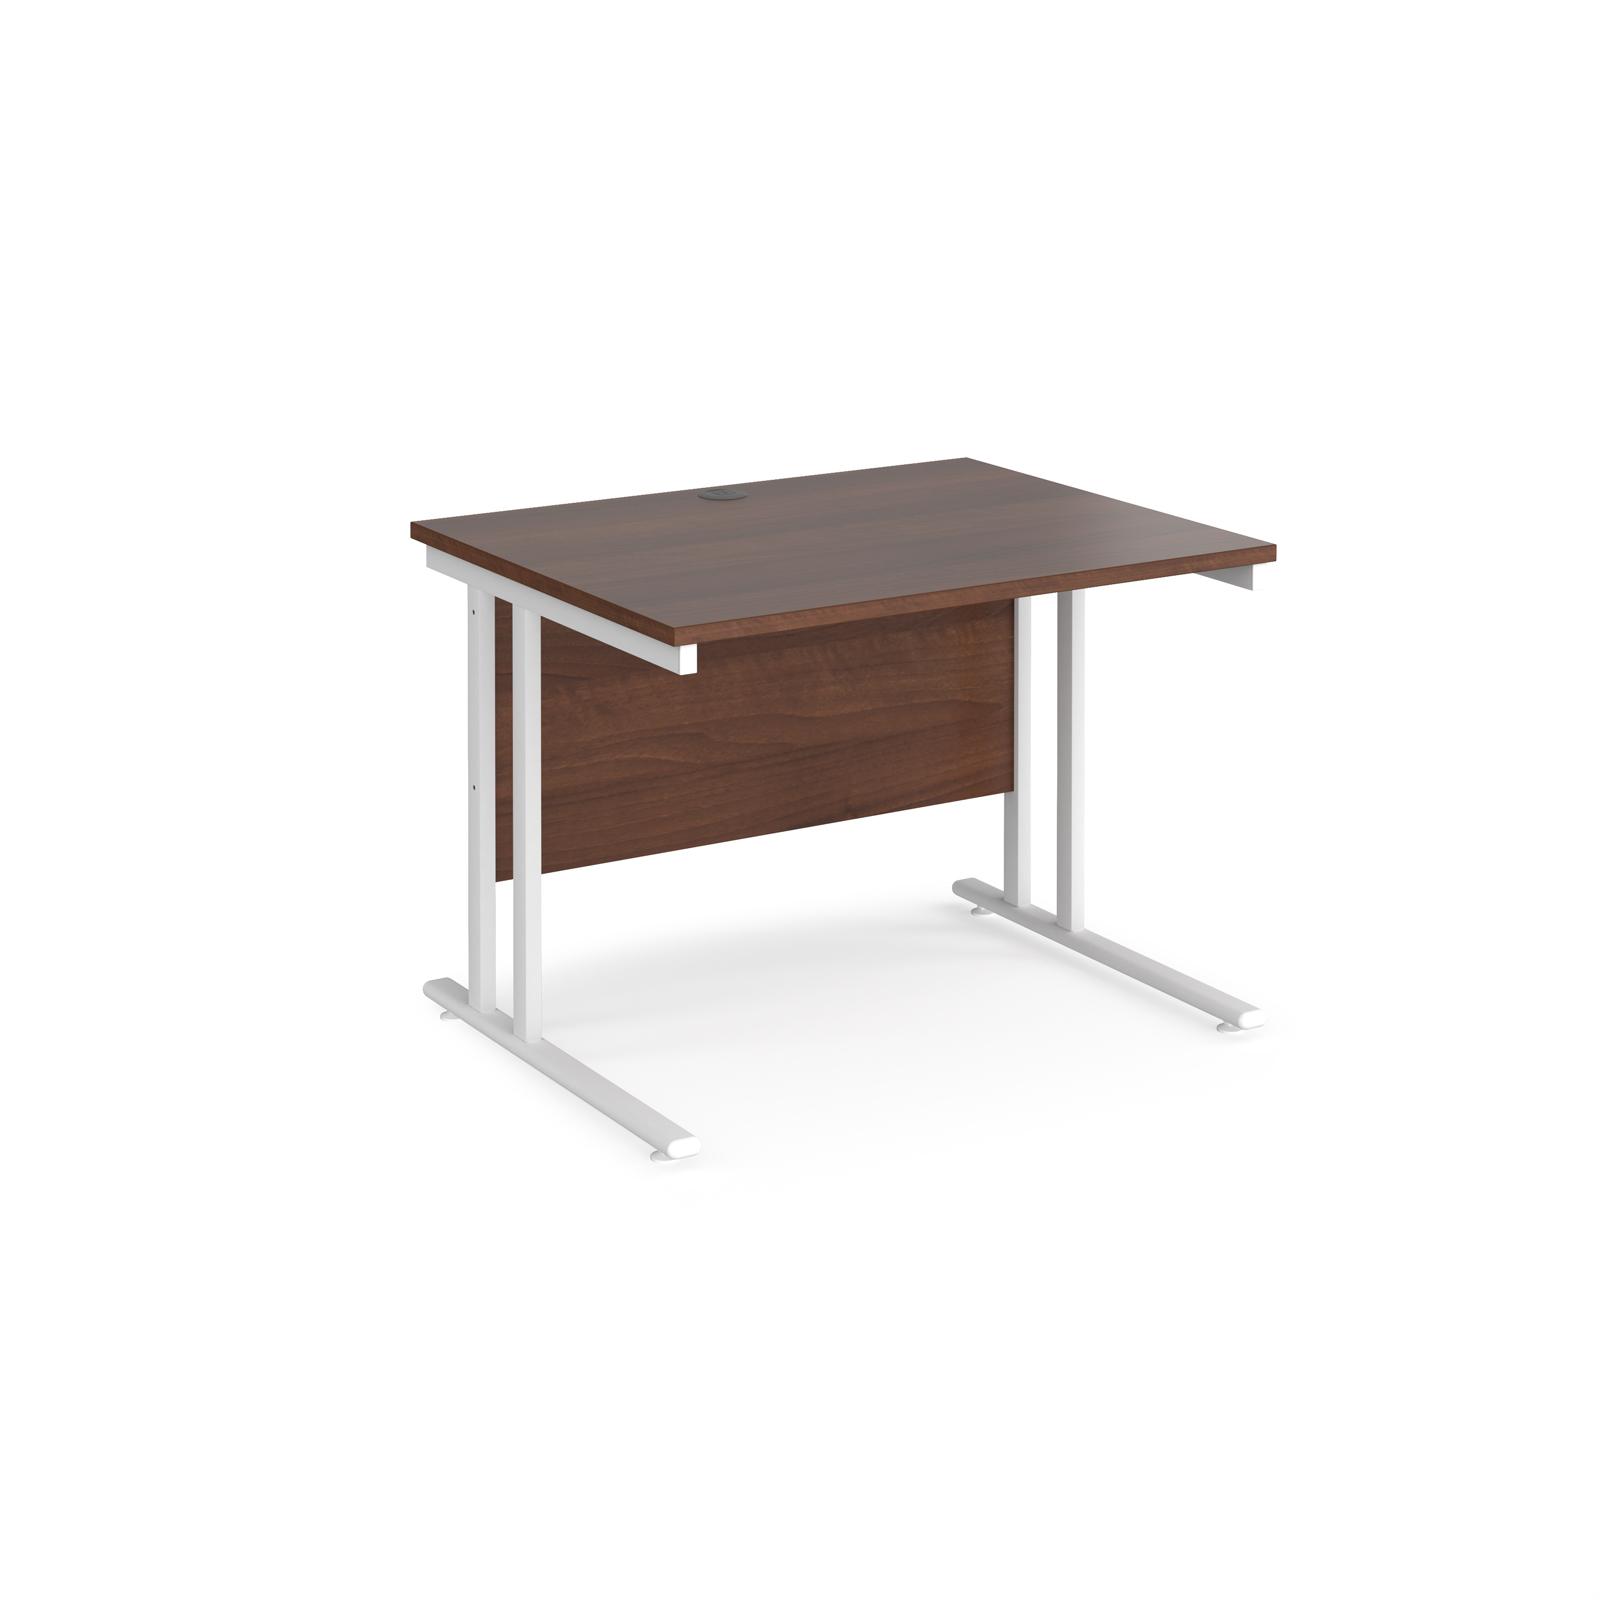 Rectangular Desks Maestro 25 straight desk 1000mm x 800mm - white cantilever leg frame, walnut top